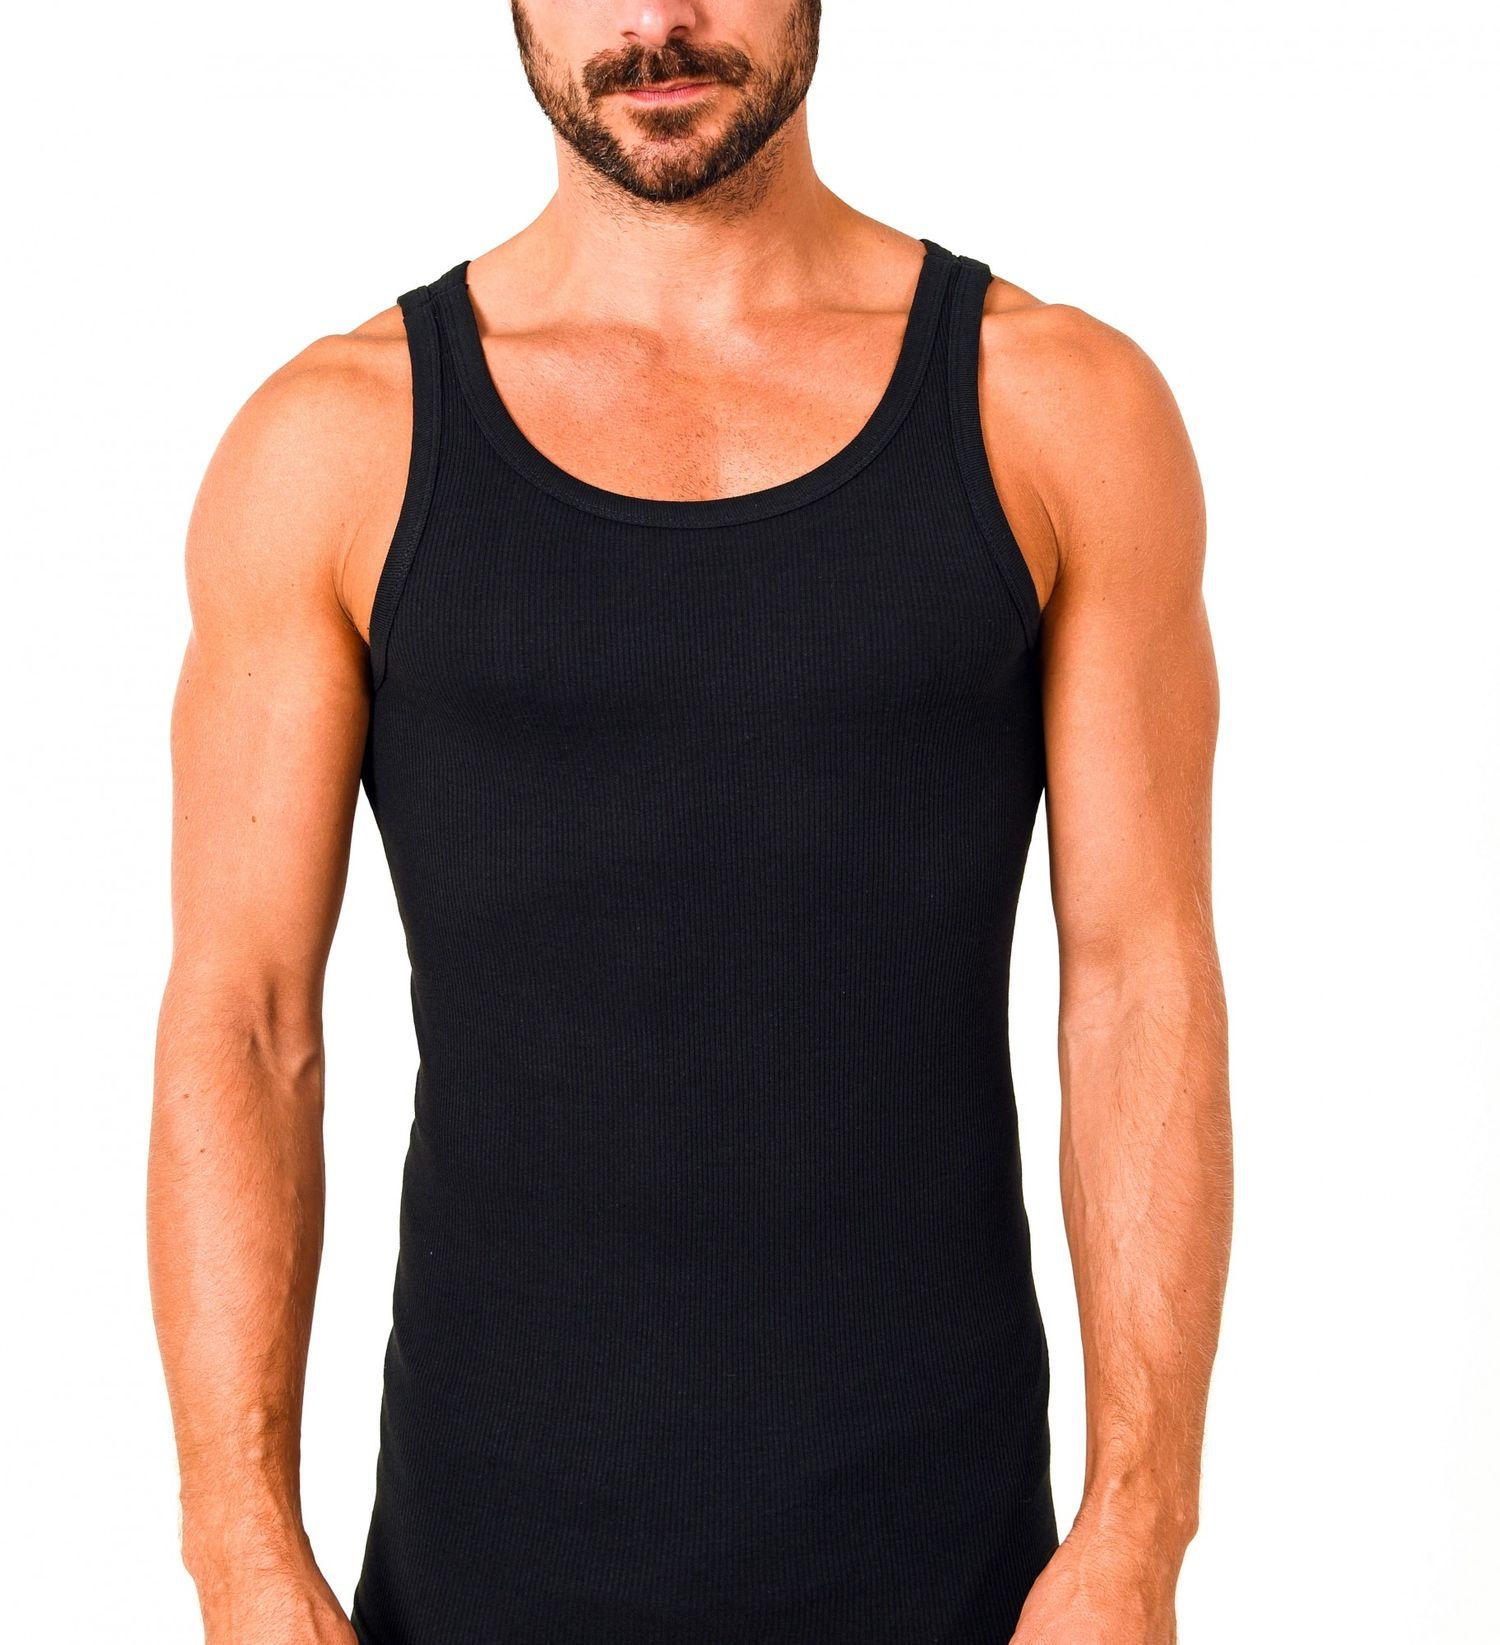 10403 Herren Achselhemd 2erpack in schwarz Feinripp Unterhemd  aus 100 % Baumwolle  001